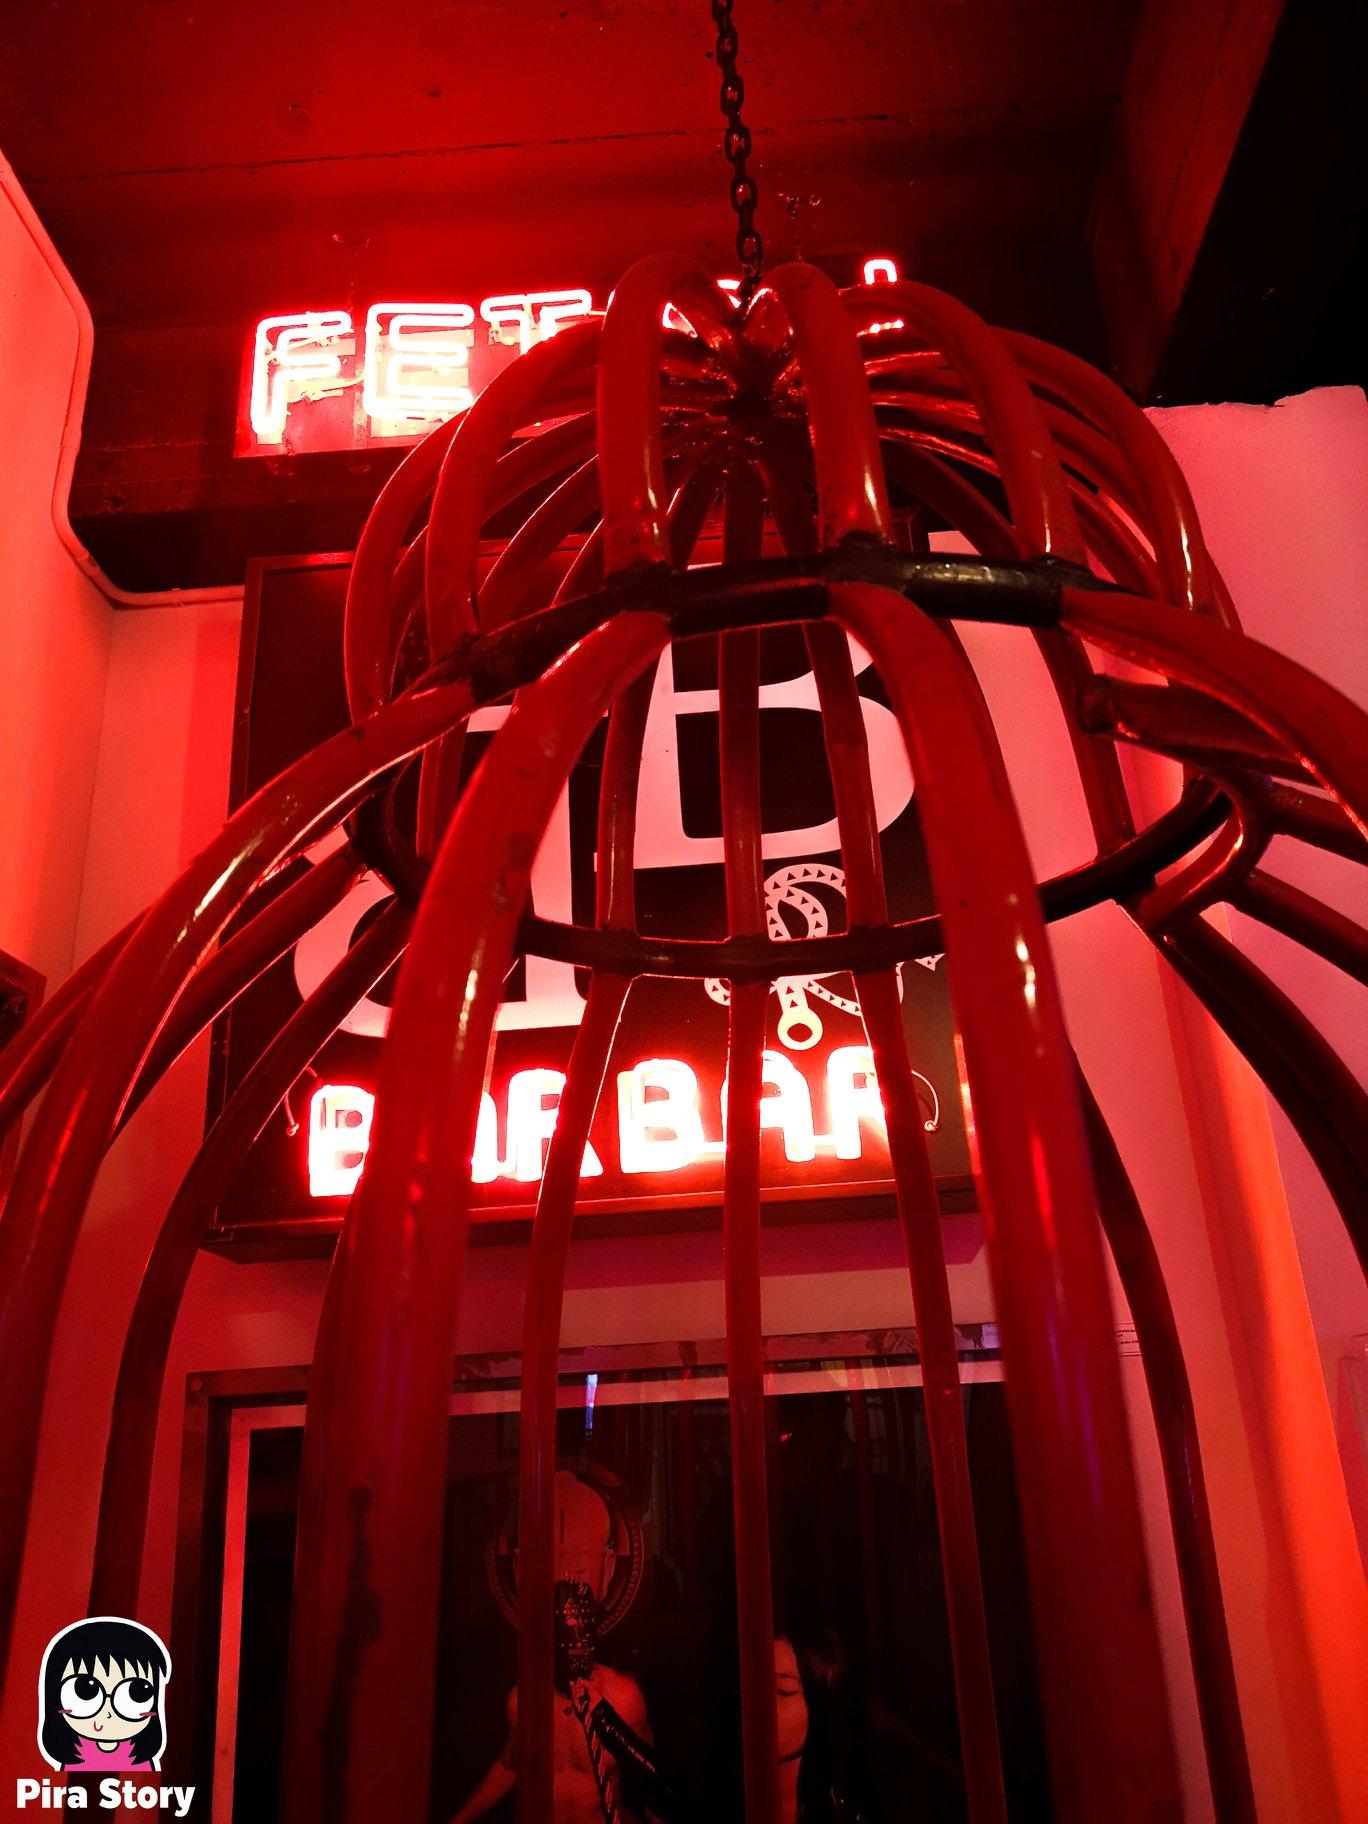 ปิงปองโชว์ พิพิธภัณฑ์พัฒน์พงศ์ Patpong museum พัฒน์พงศ์มิวเซียม sex worker ซ่อง ประวัติศาสตร์ โคมเขียว พัฒน์พงศ์มิวเซียม pira story pirastory เที่ยวเนิร์ดๆ บาร์ลับ คาเฟ่ลับ สีลม ศาลาแดง